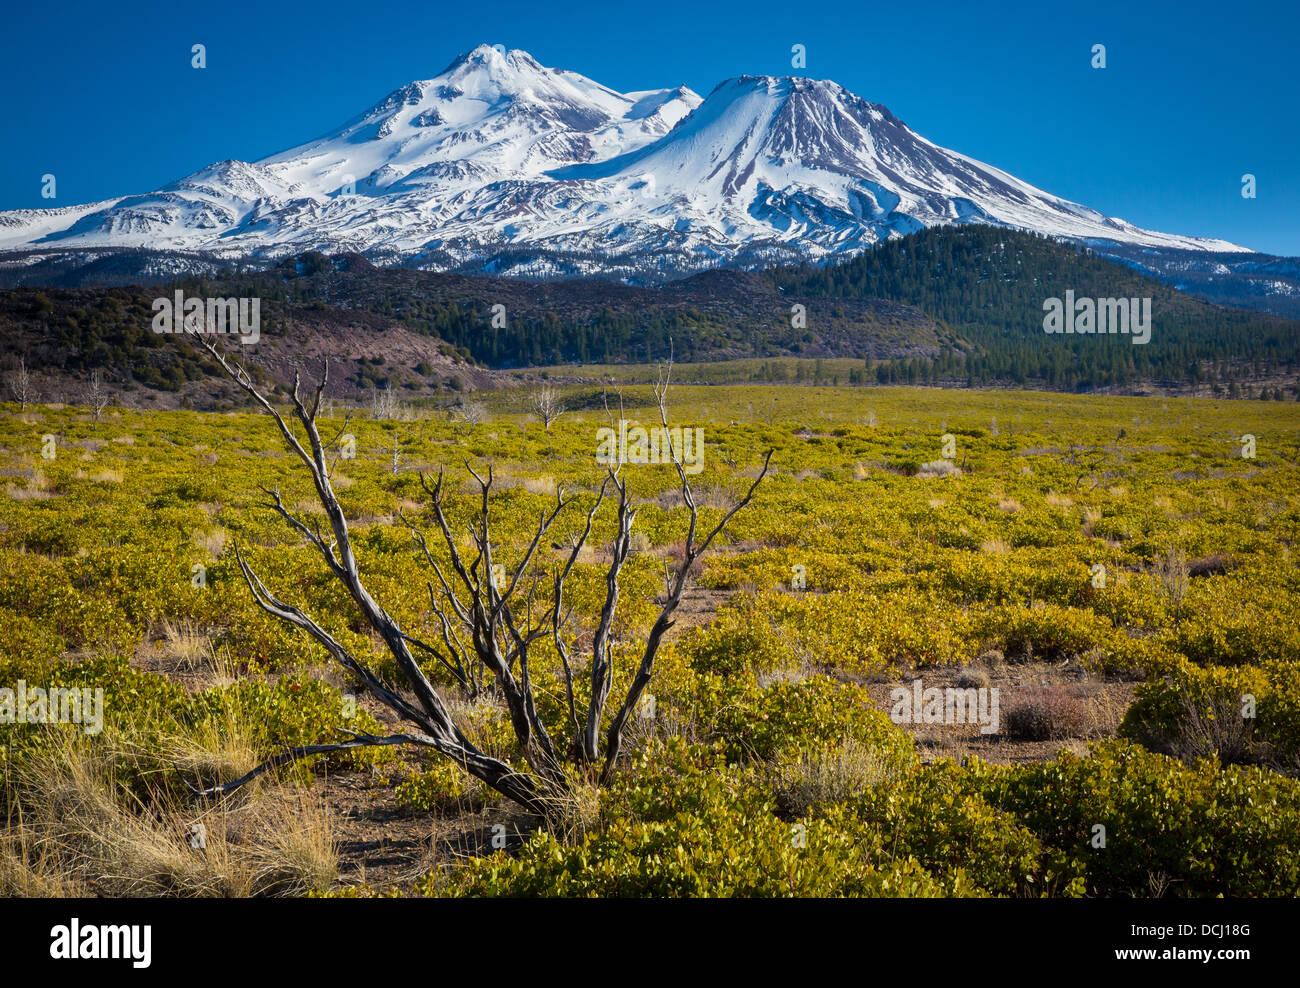 Le mont Shasta est située à l'extrémité sud de la chaîne des Cascades dans le comté Photo Stock